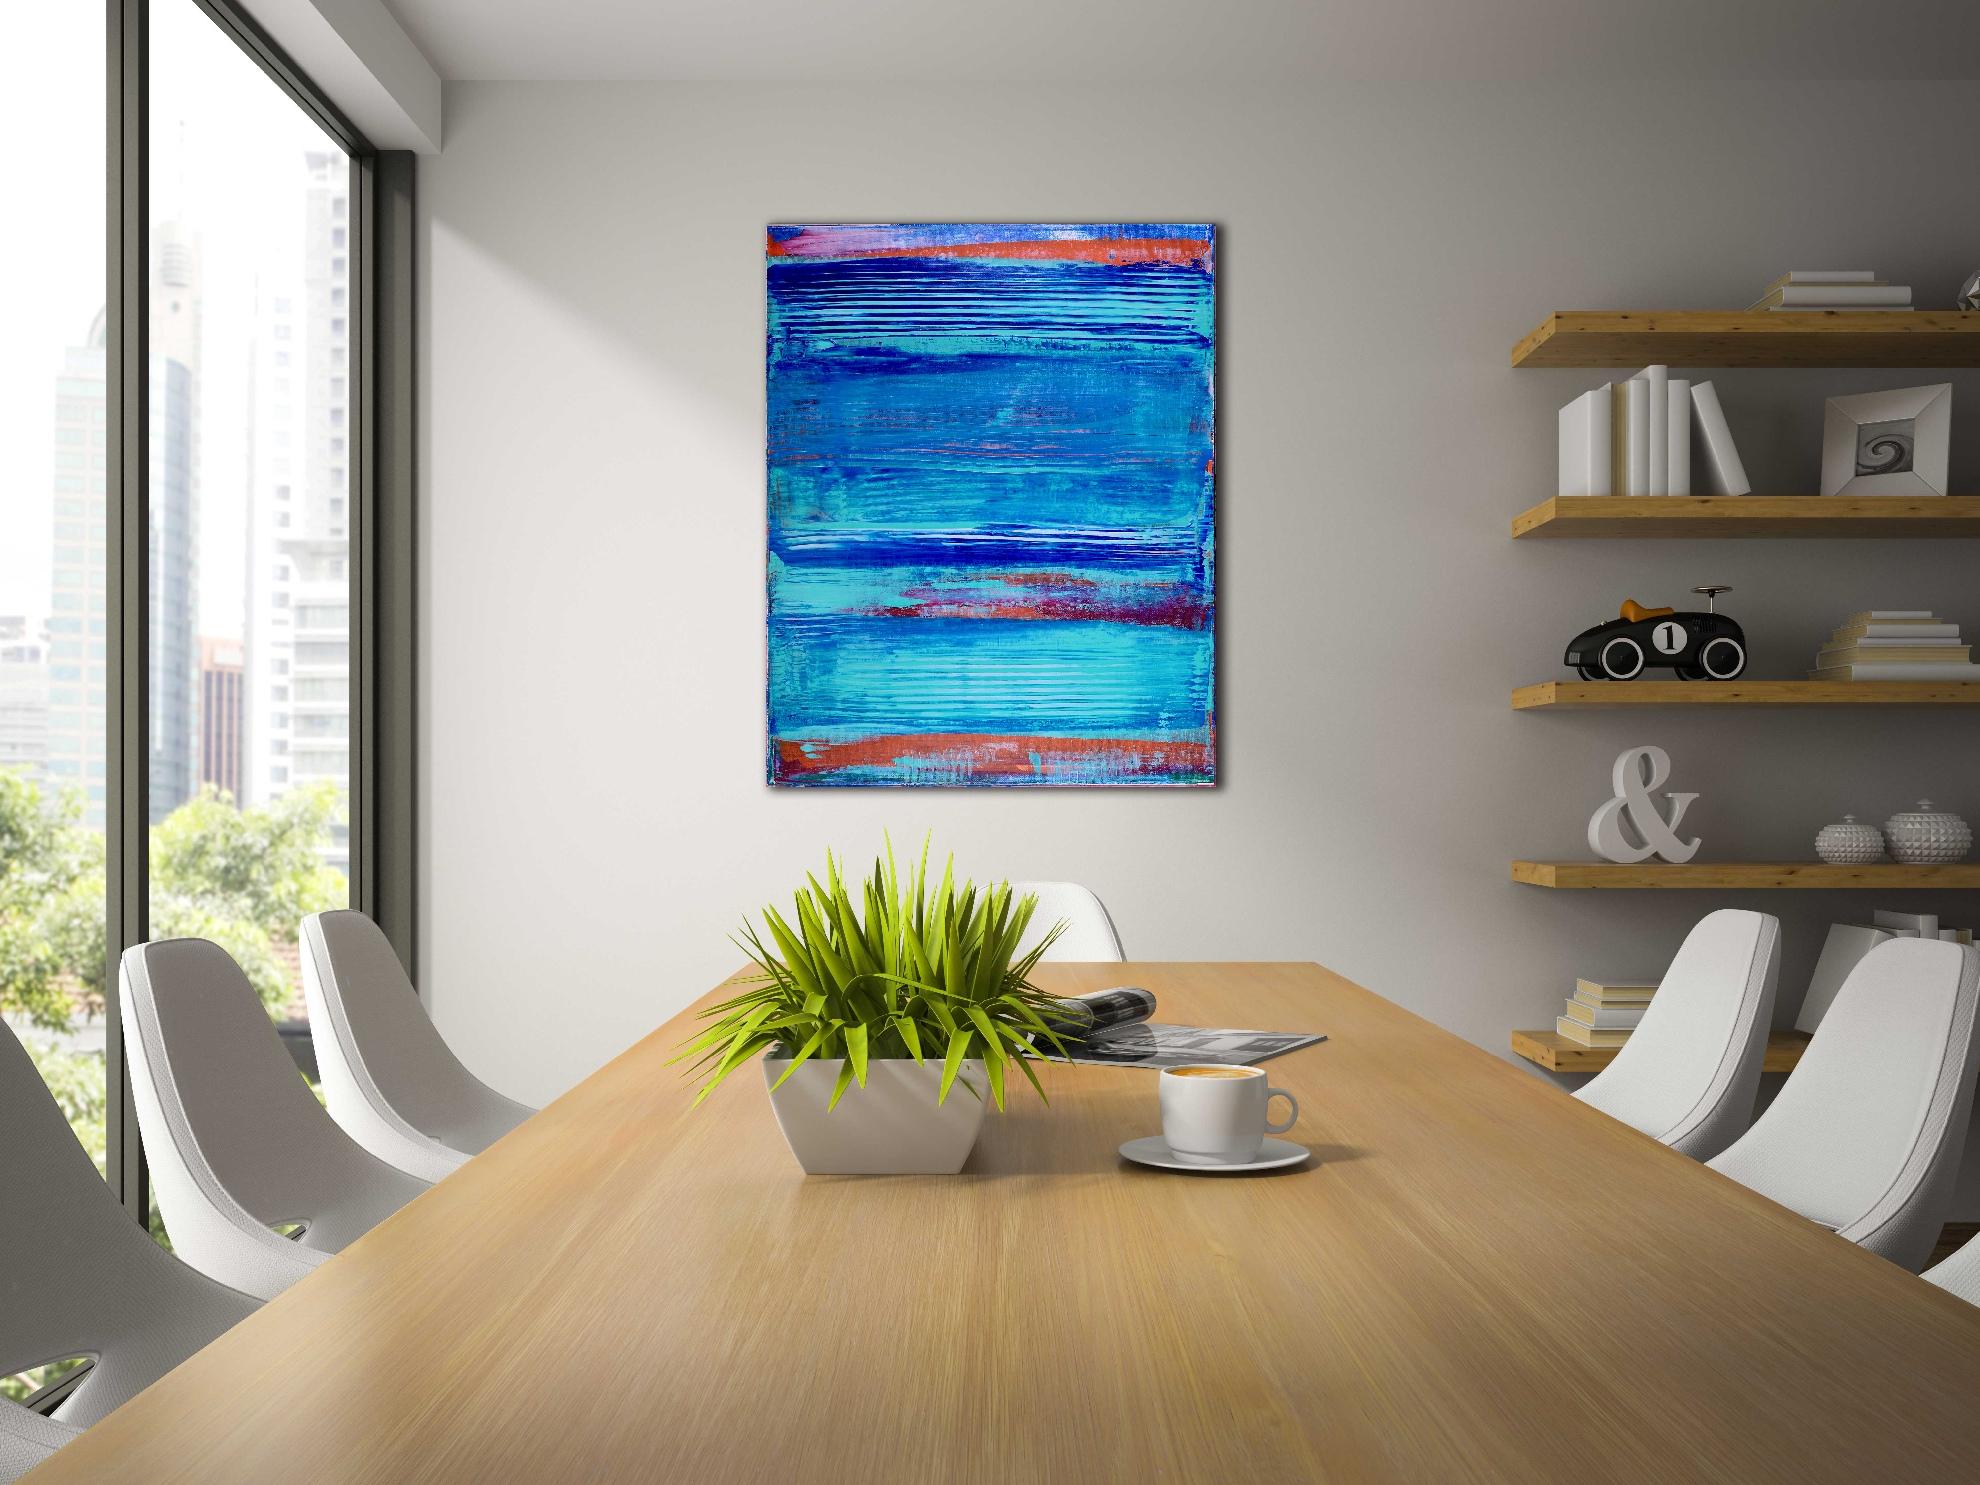 Blue lagoon panorama by Nestor Toro